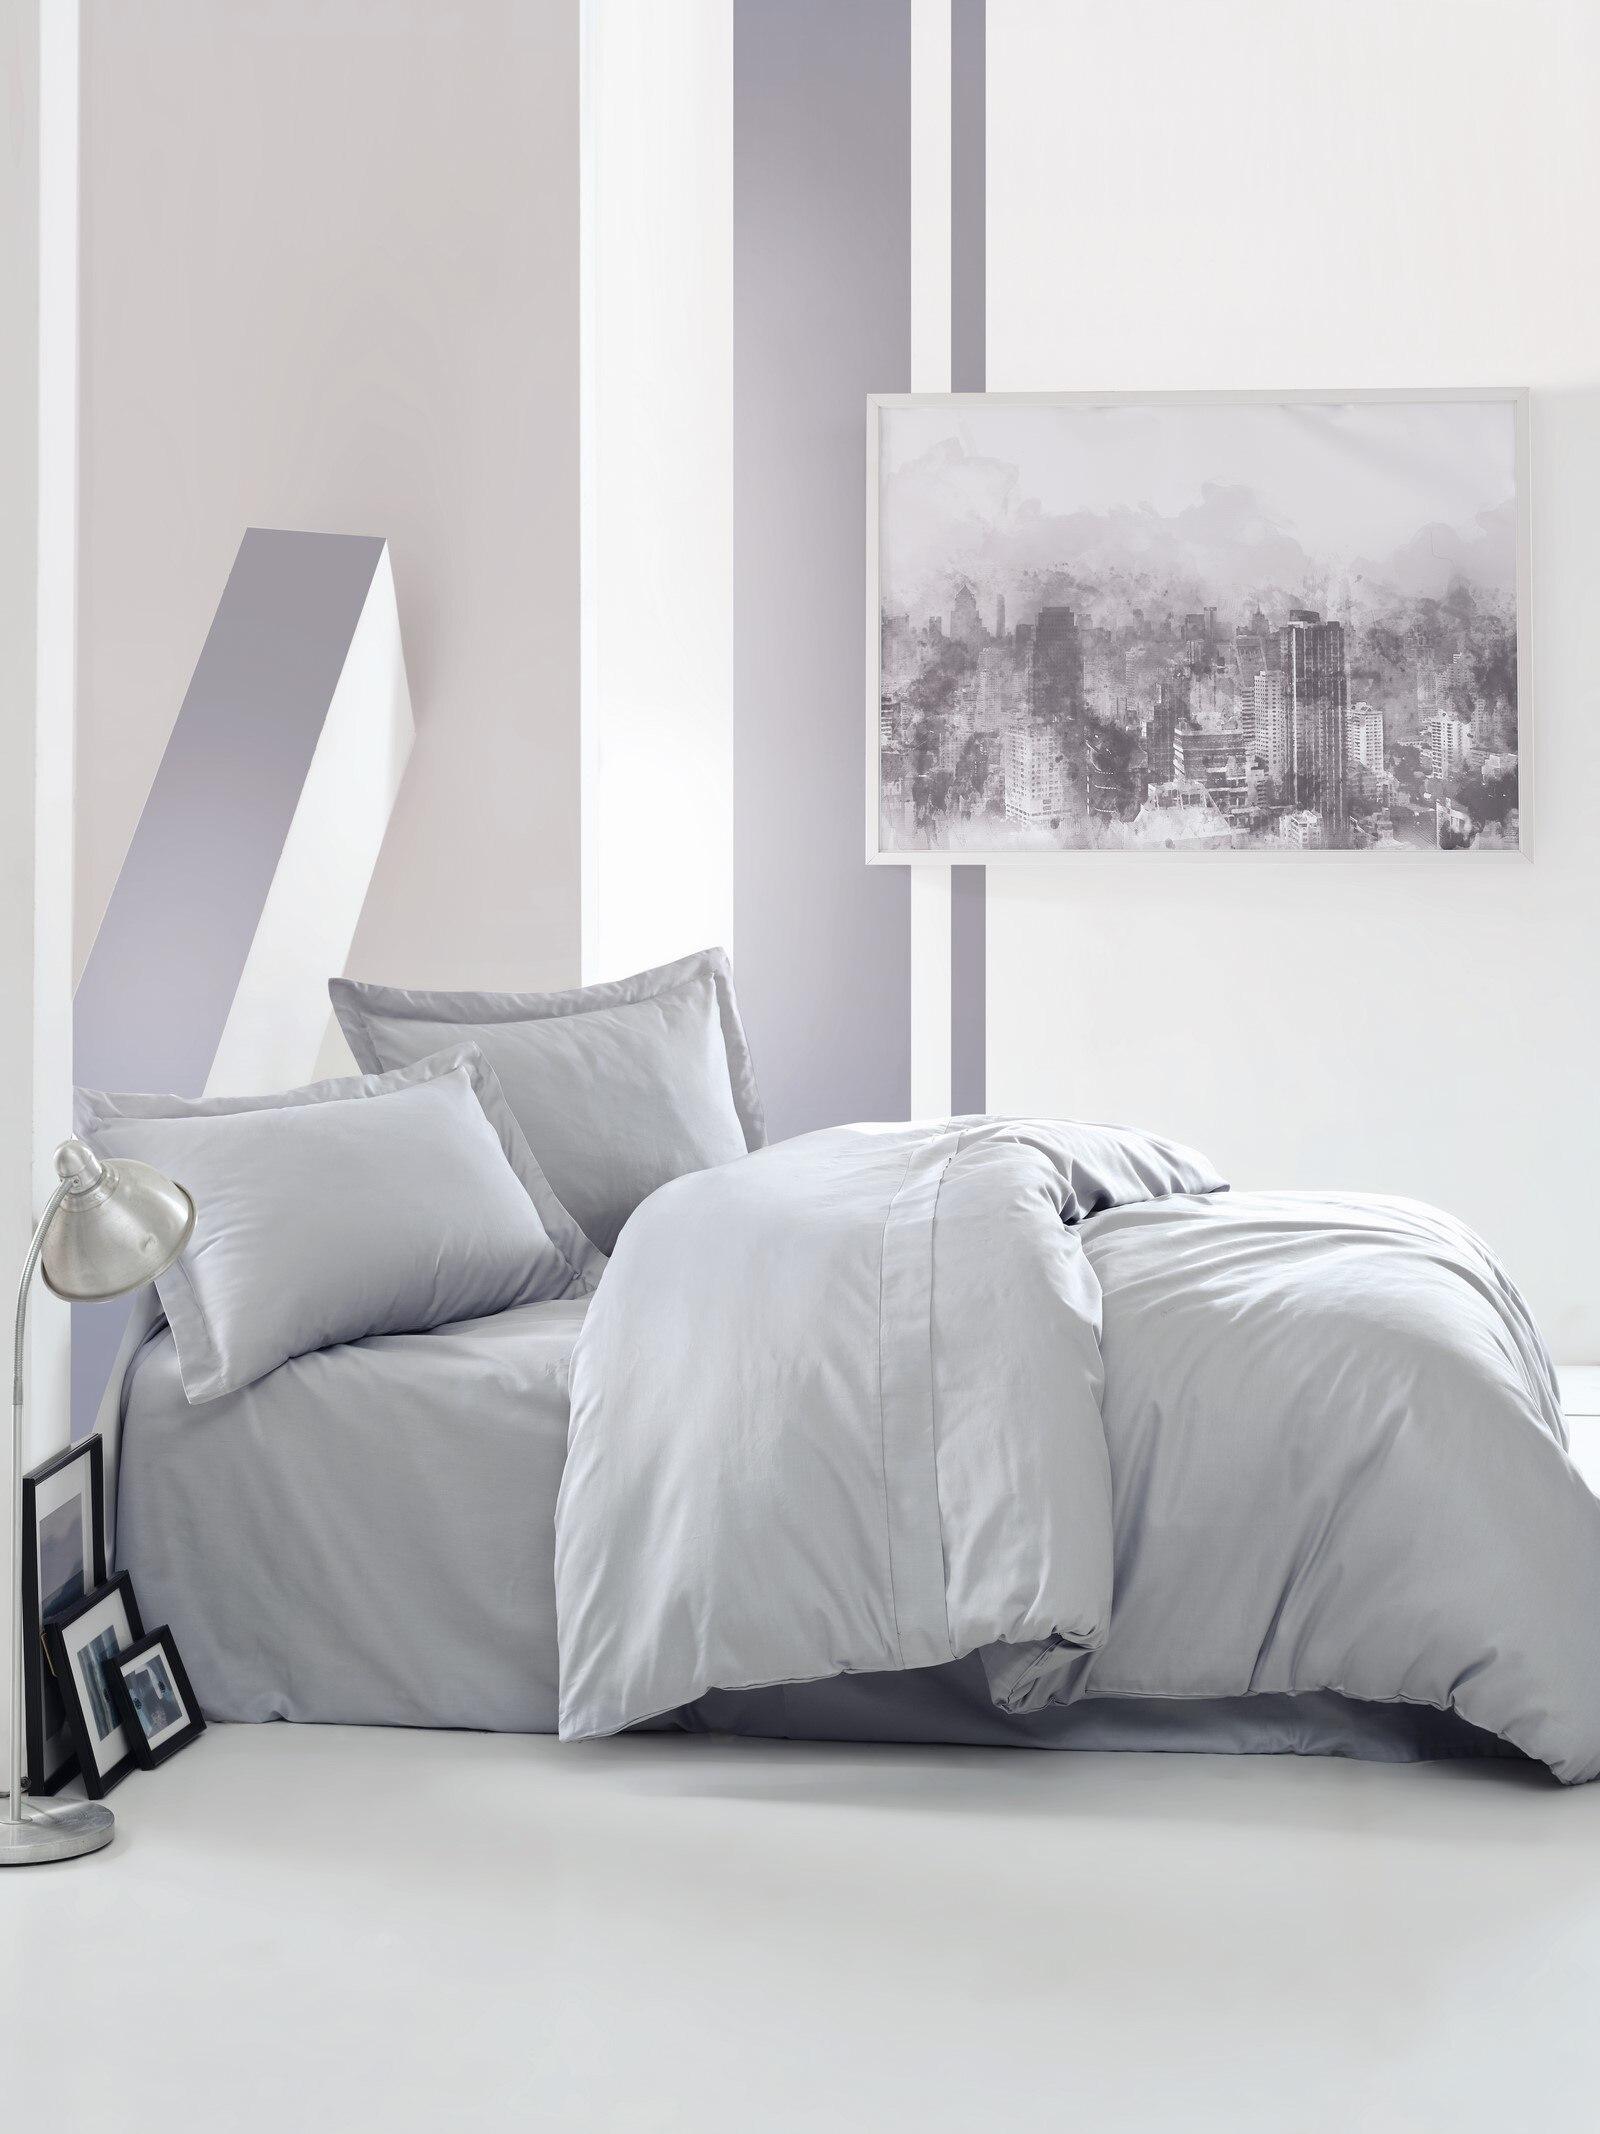 طقم أغطية سرير من الساتان الخالص 100% قطن ، صندوق قطني ، مفرش سرير ، غطاء لحاف ، ملاءة مسطحة ، غطاء وسادة ، بالجملة